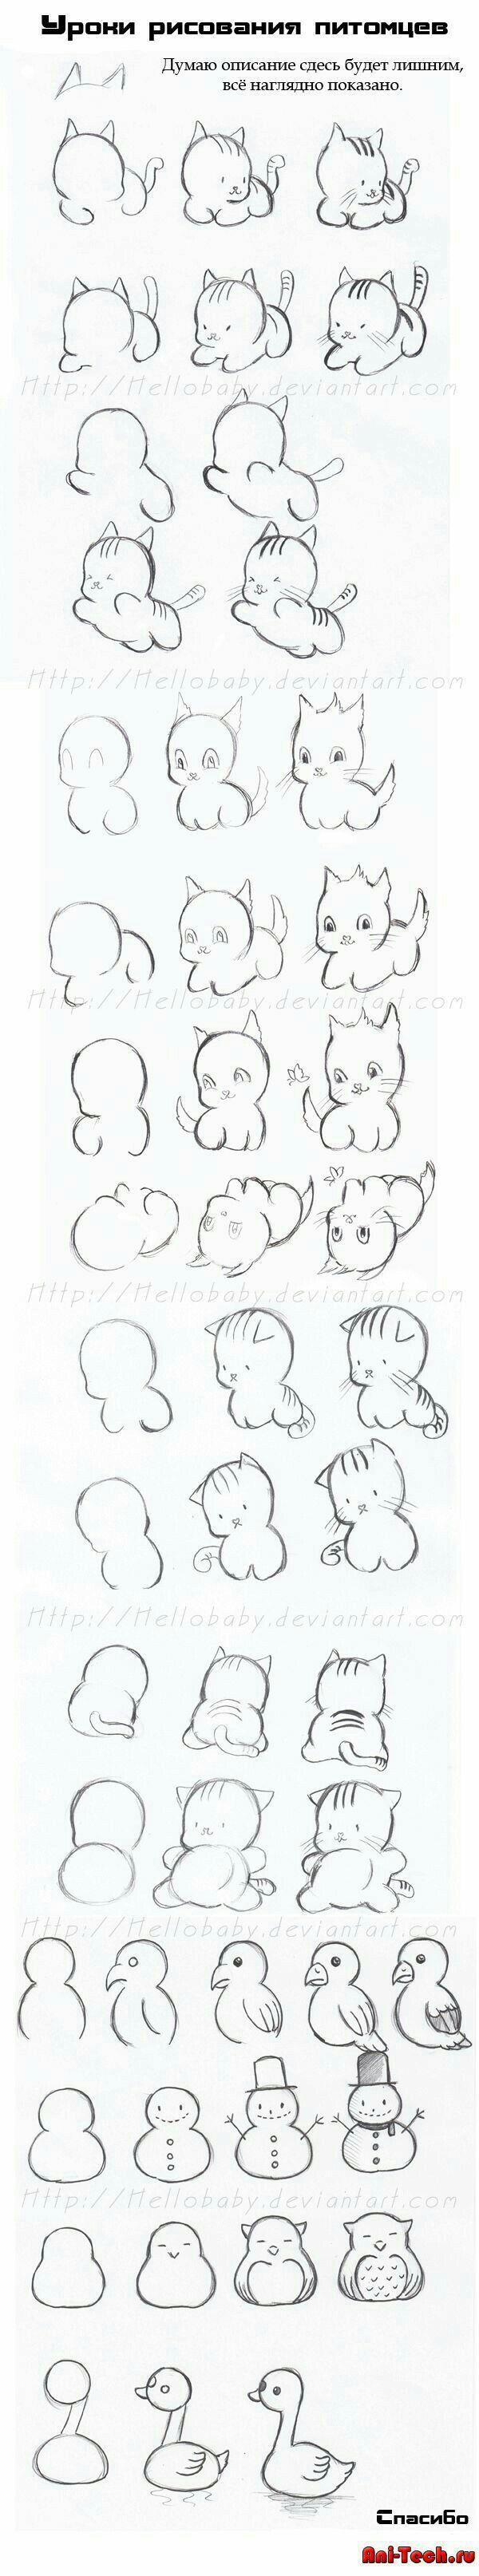 Pin oleh Sherly Ly di drawing tutorial 1 Ide menggambar